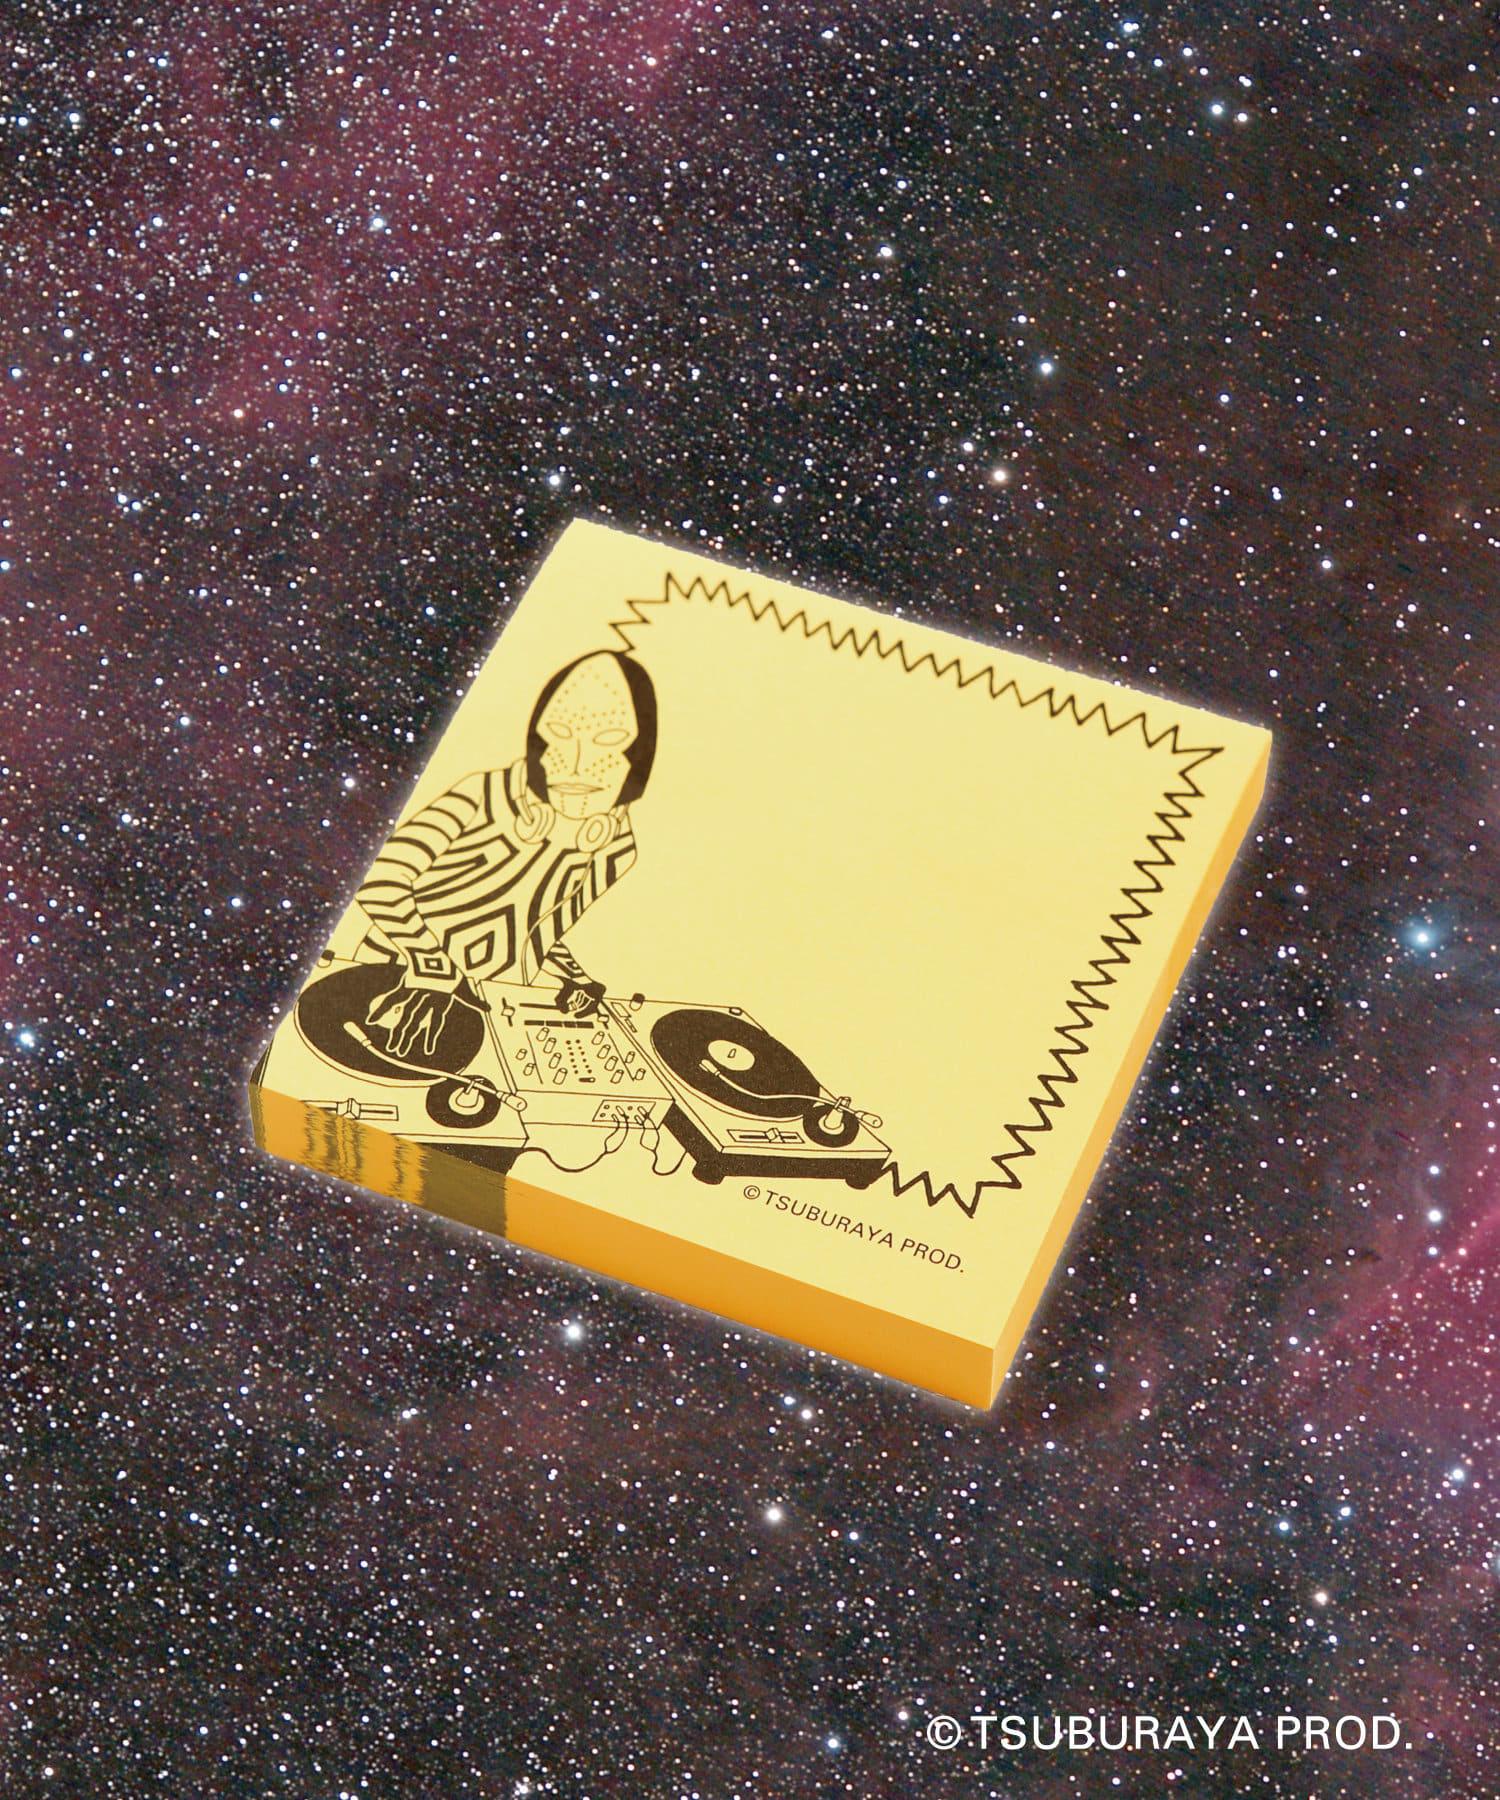 3COINS(スリーコインズ) 【ASOKO】【ウルトラマンシリーズ】ふせん